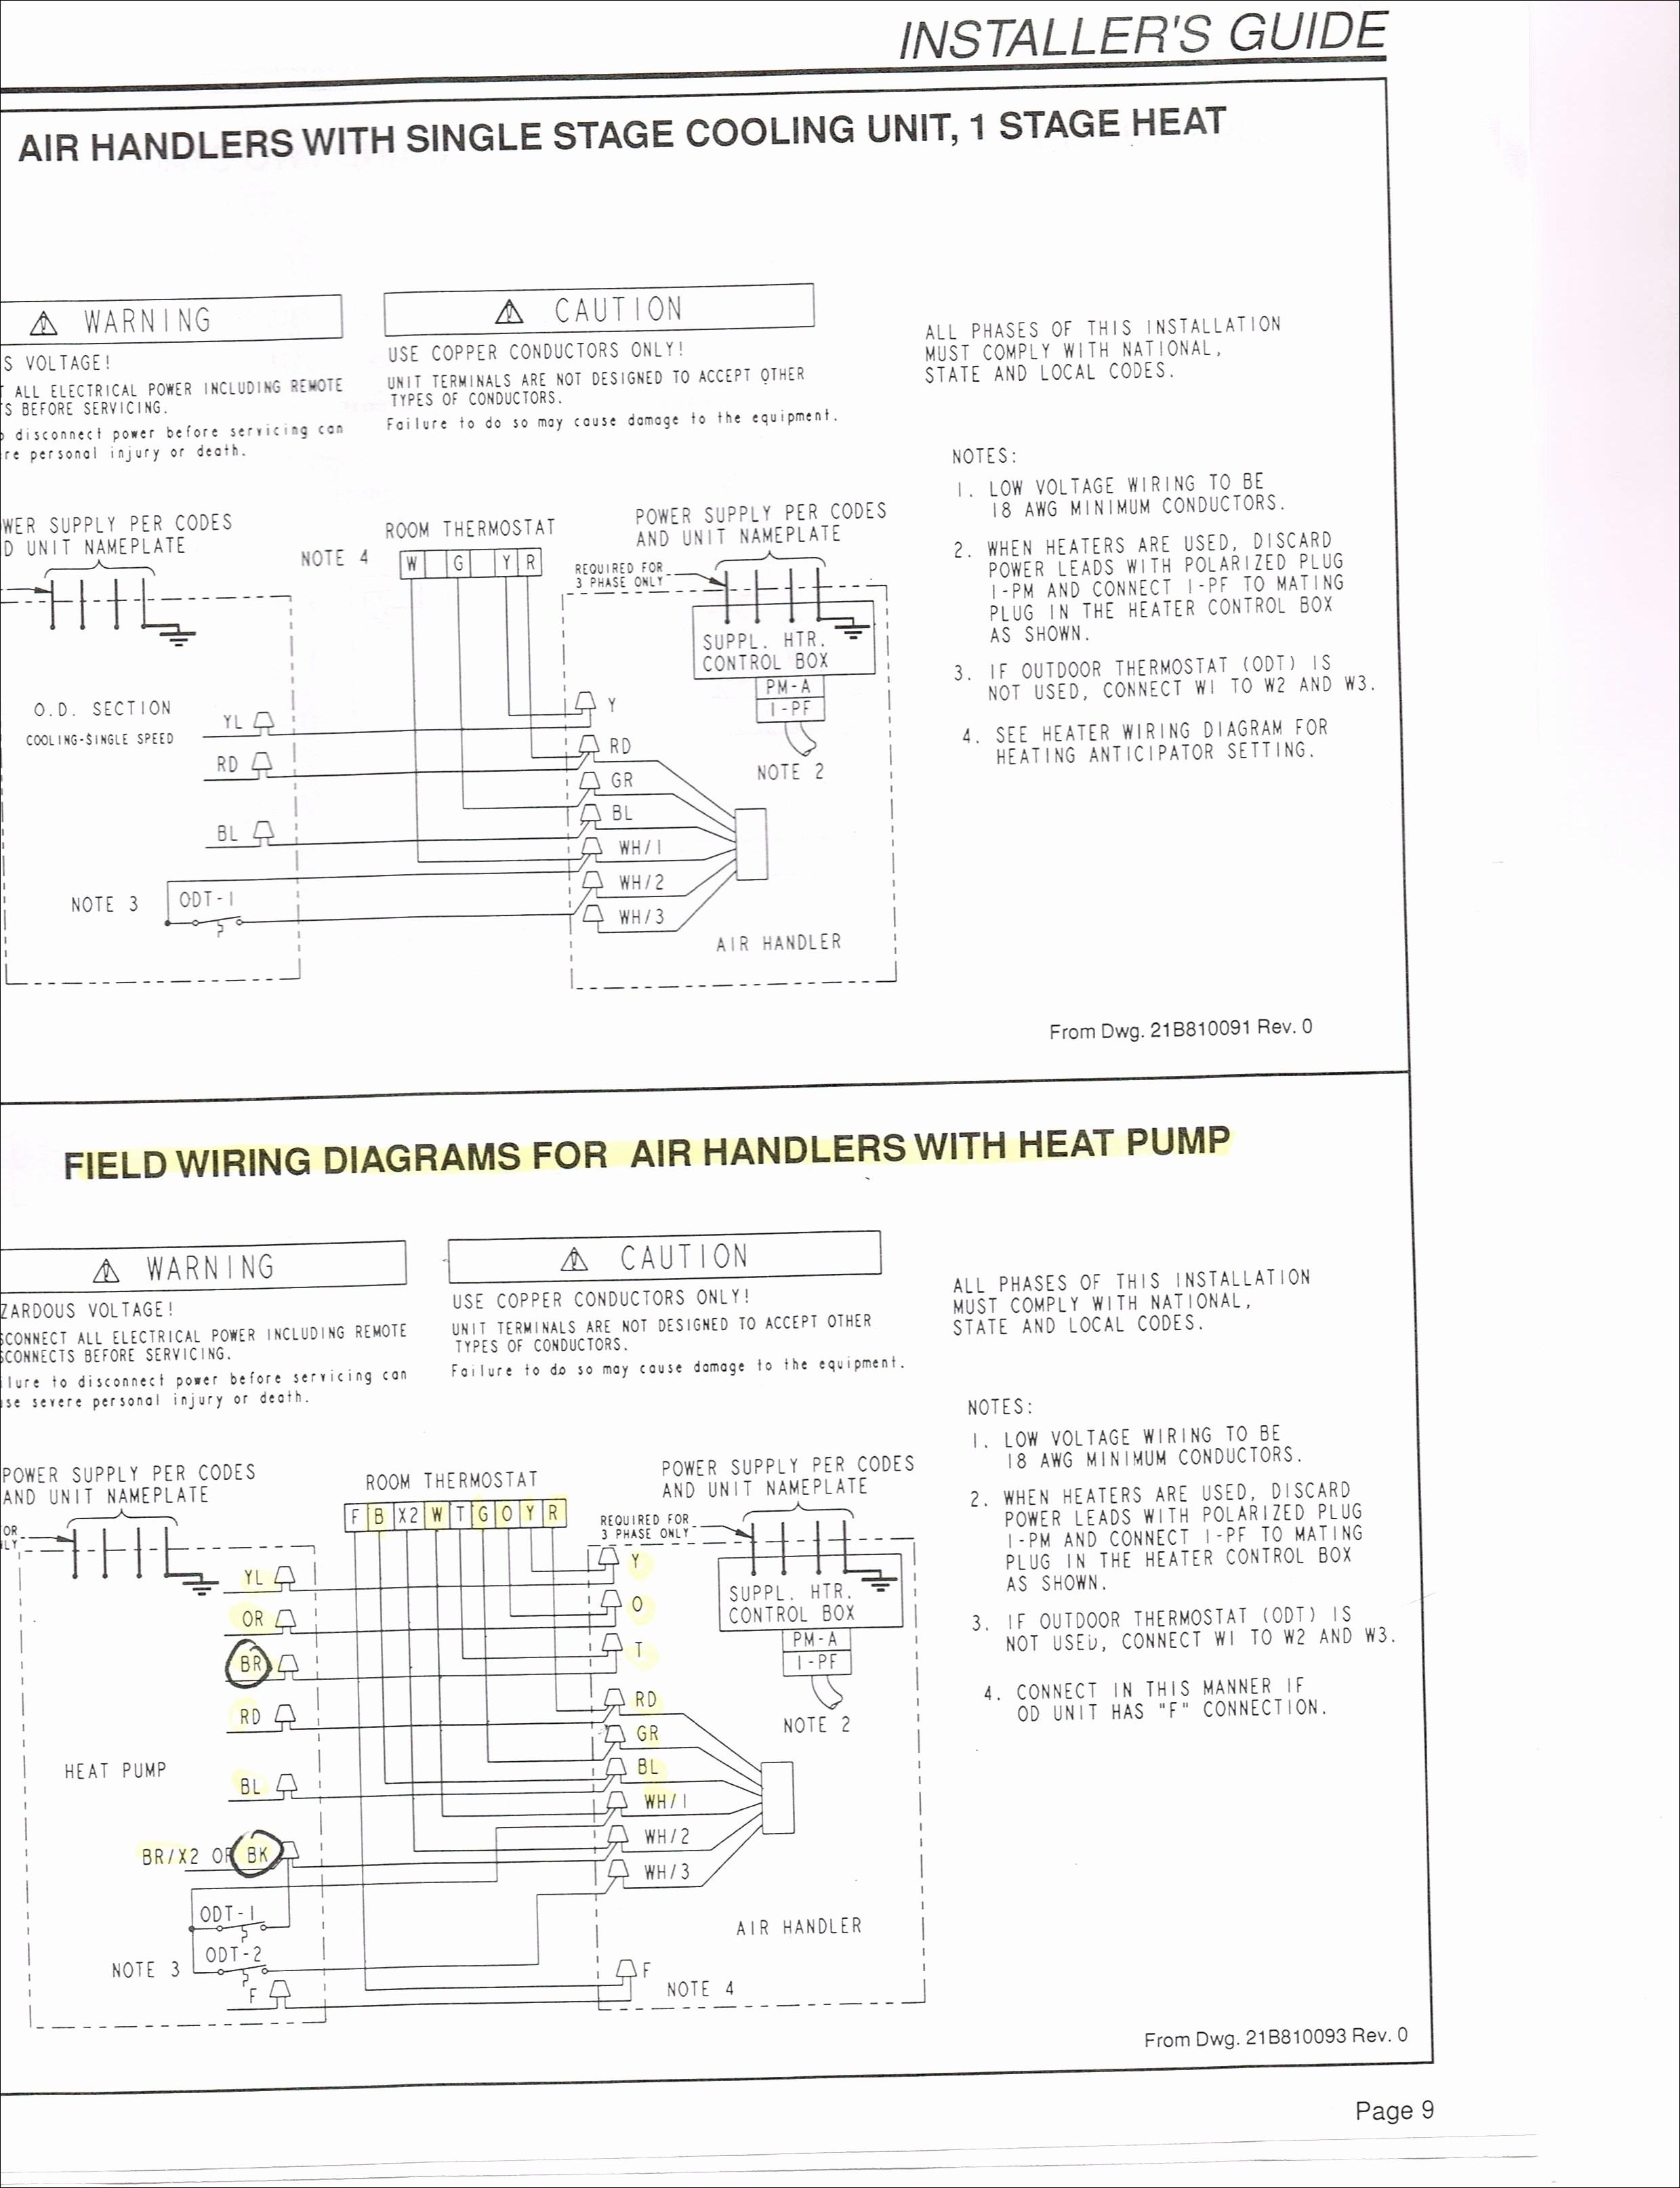 Air Compressor 230V 1 Phase Wiring Diagram | Manual E-Books - Air Compressor Wiring Diagram 230V 1 Phase